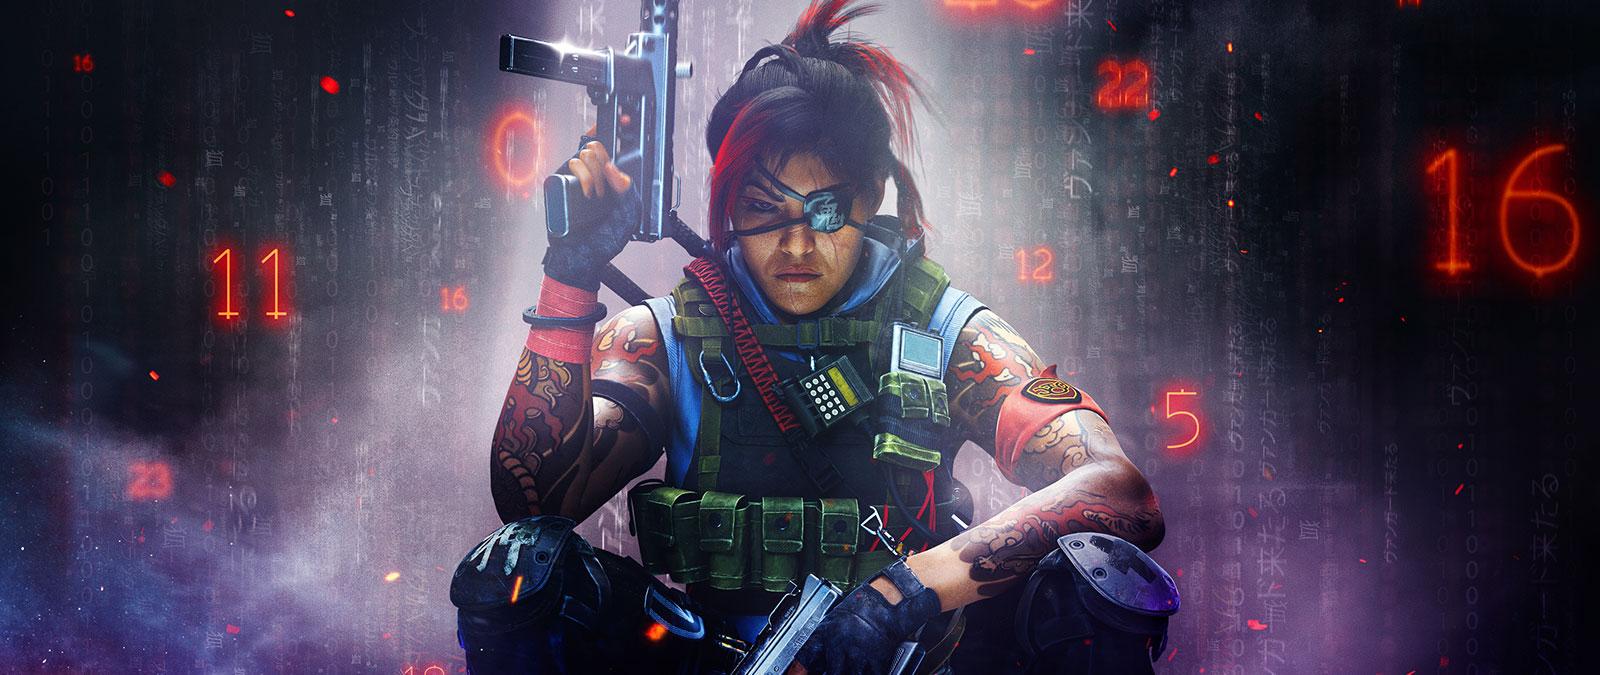 Postava spáskou přes oko aarmádní vestou drží dvě zbraně, kolem se vznášejí červená abílá čísla